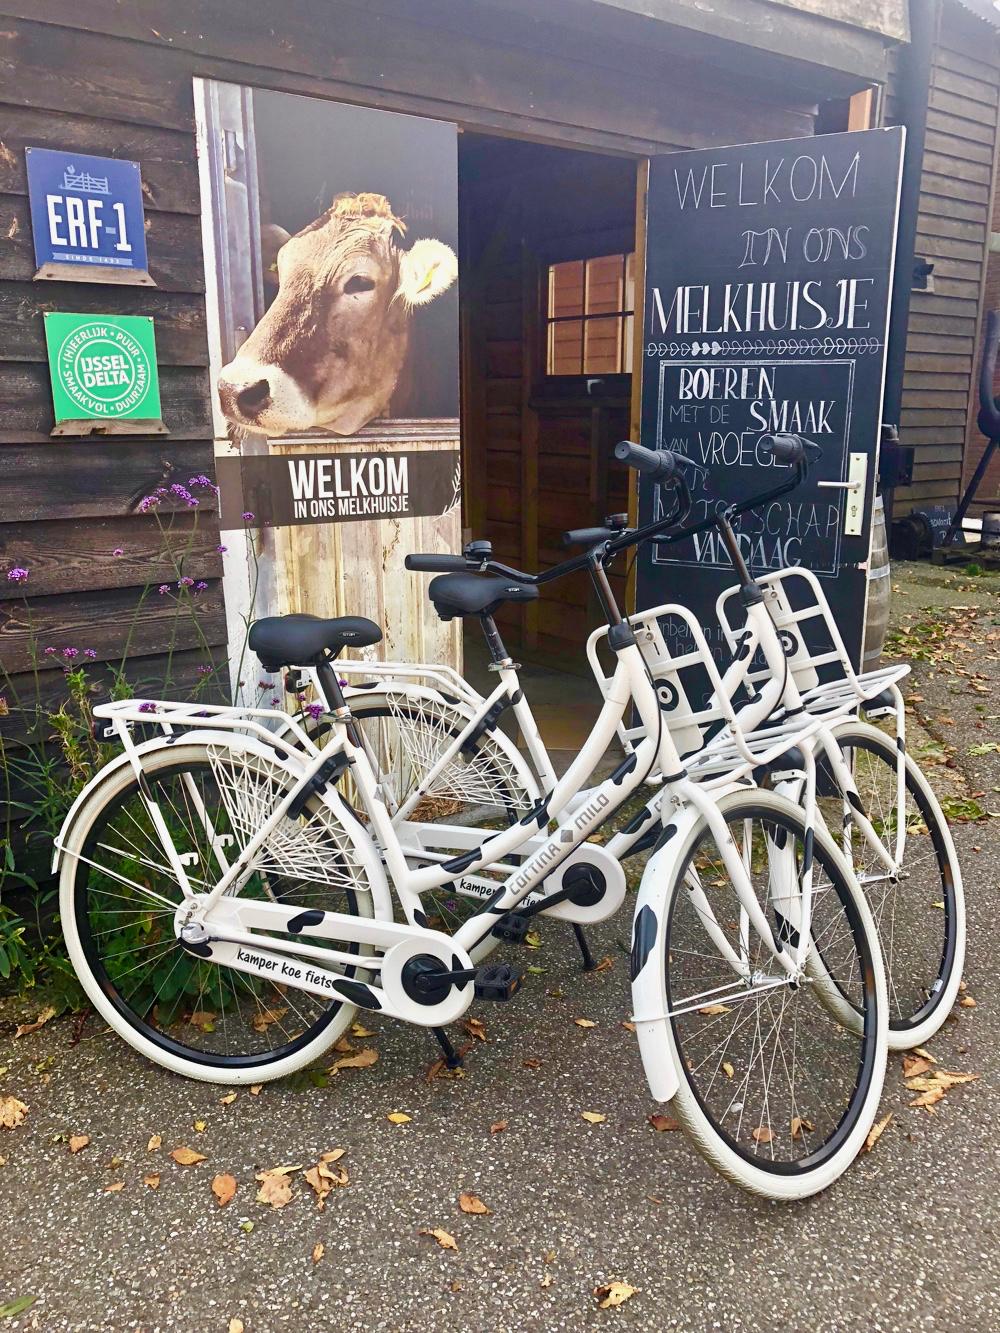 Twee wit met zwarte koeienvlekken beschilderde fietsen op het erf van Erf1